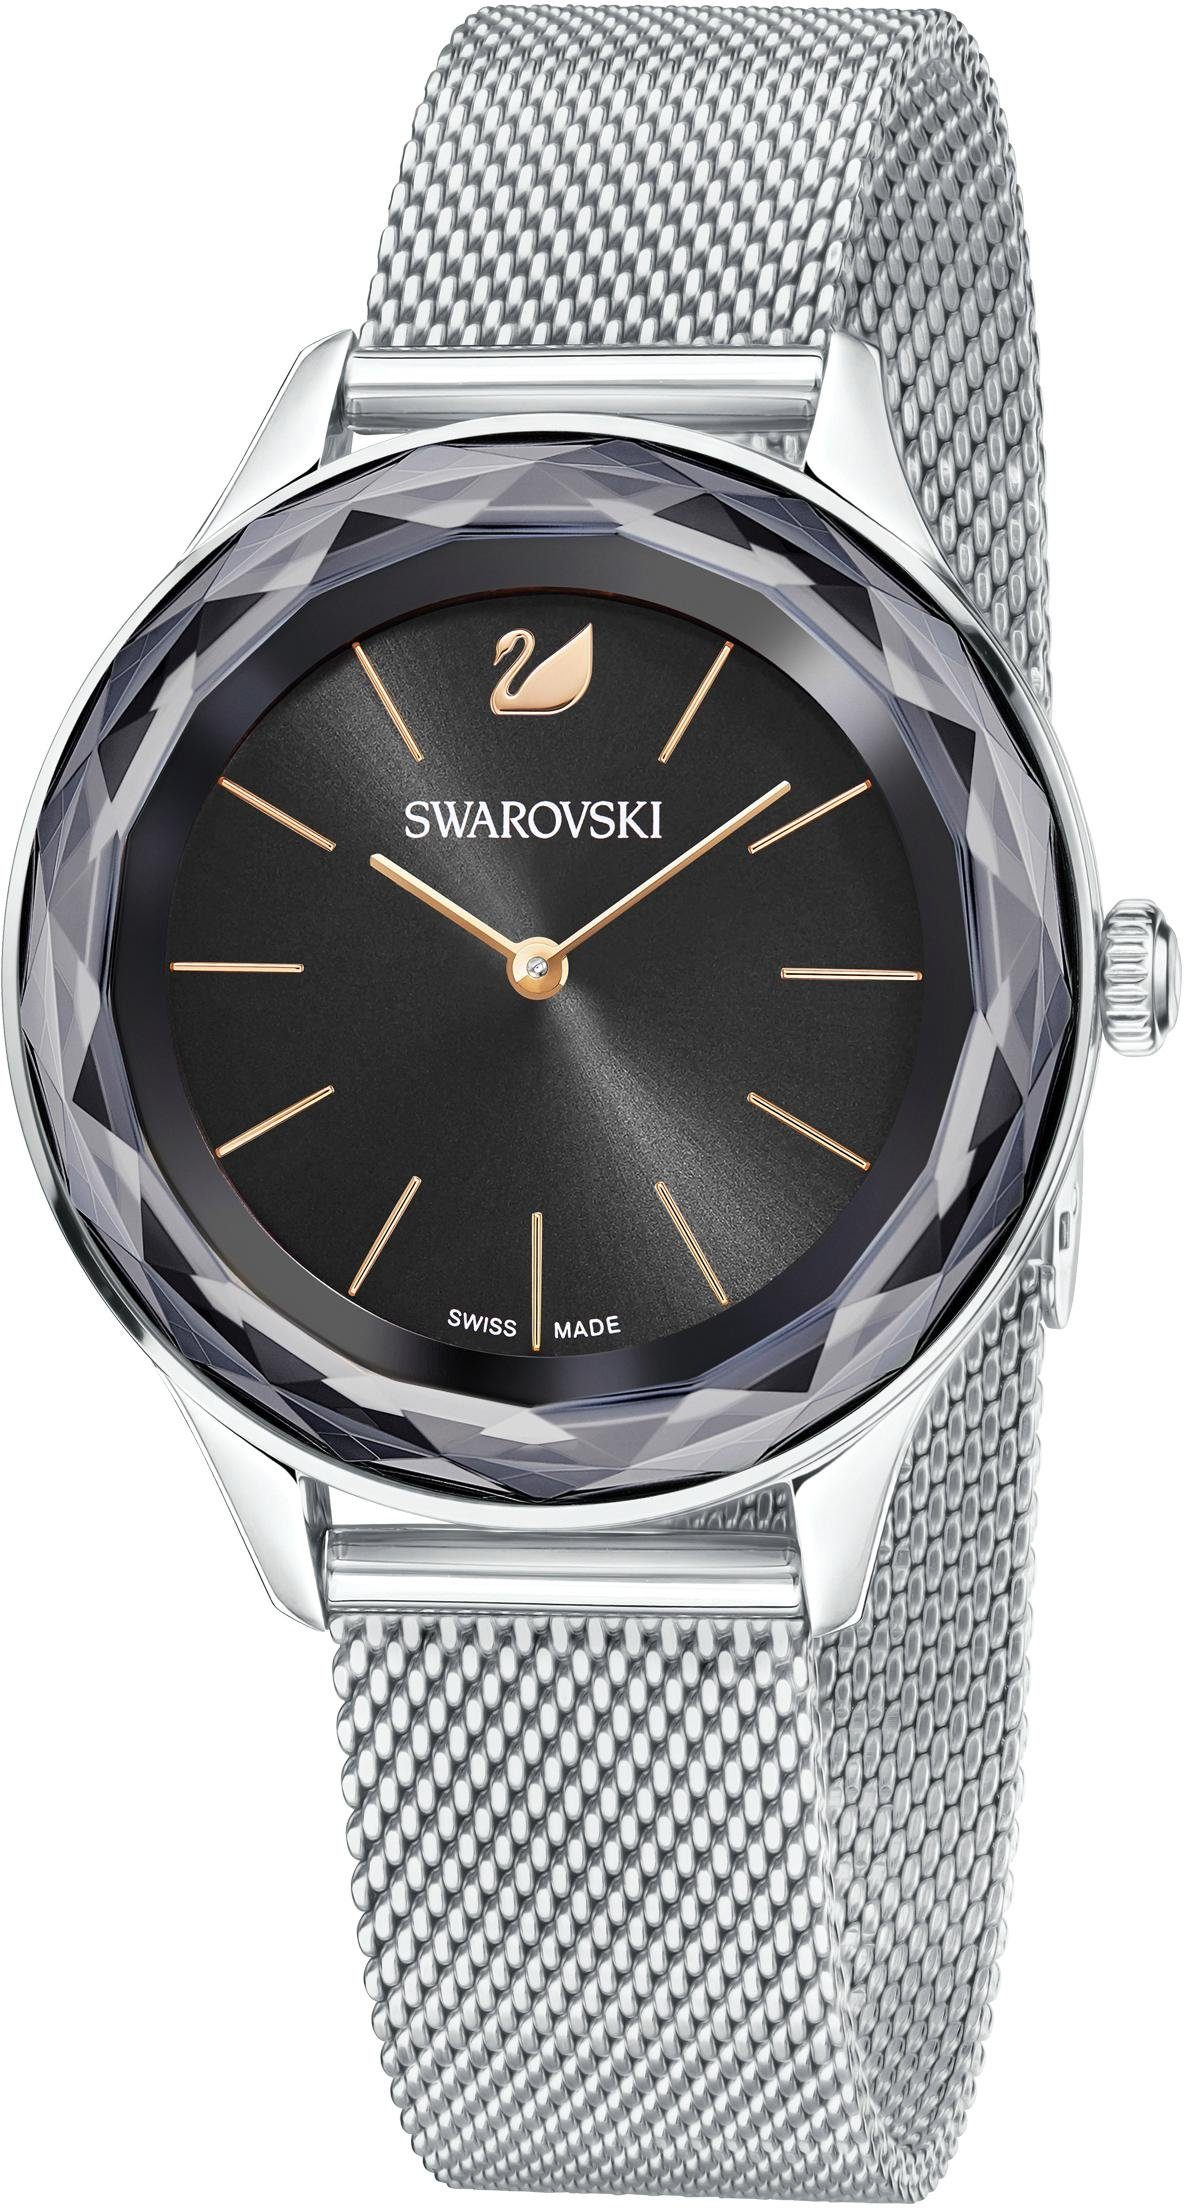 Schweizer Uhr Nova5430420«Otto Swarovski Schweizer »octea Swarovski »octea Swarovski Nova5430420«Otto »octea Uhr Uhr Schweizer 6fYb7gy